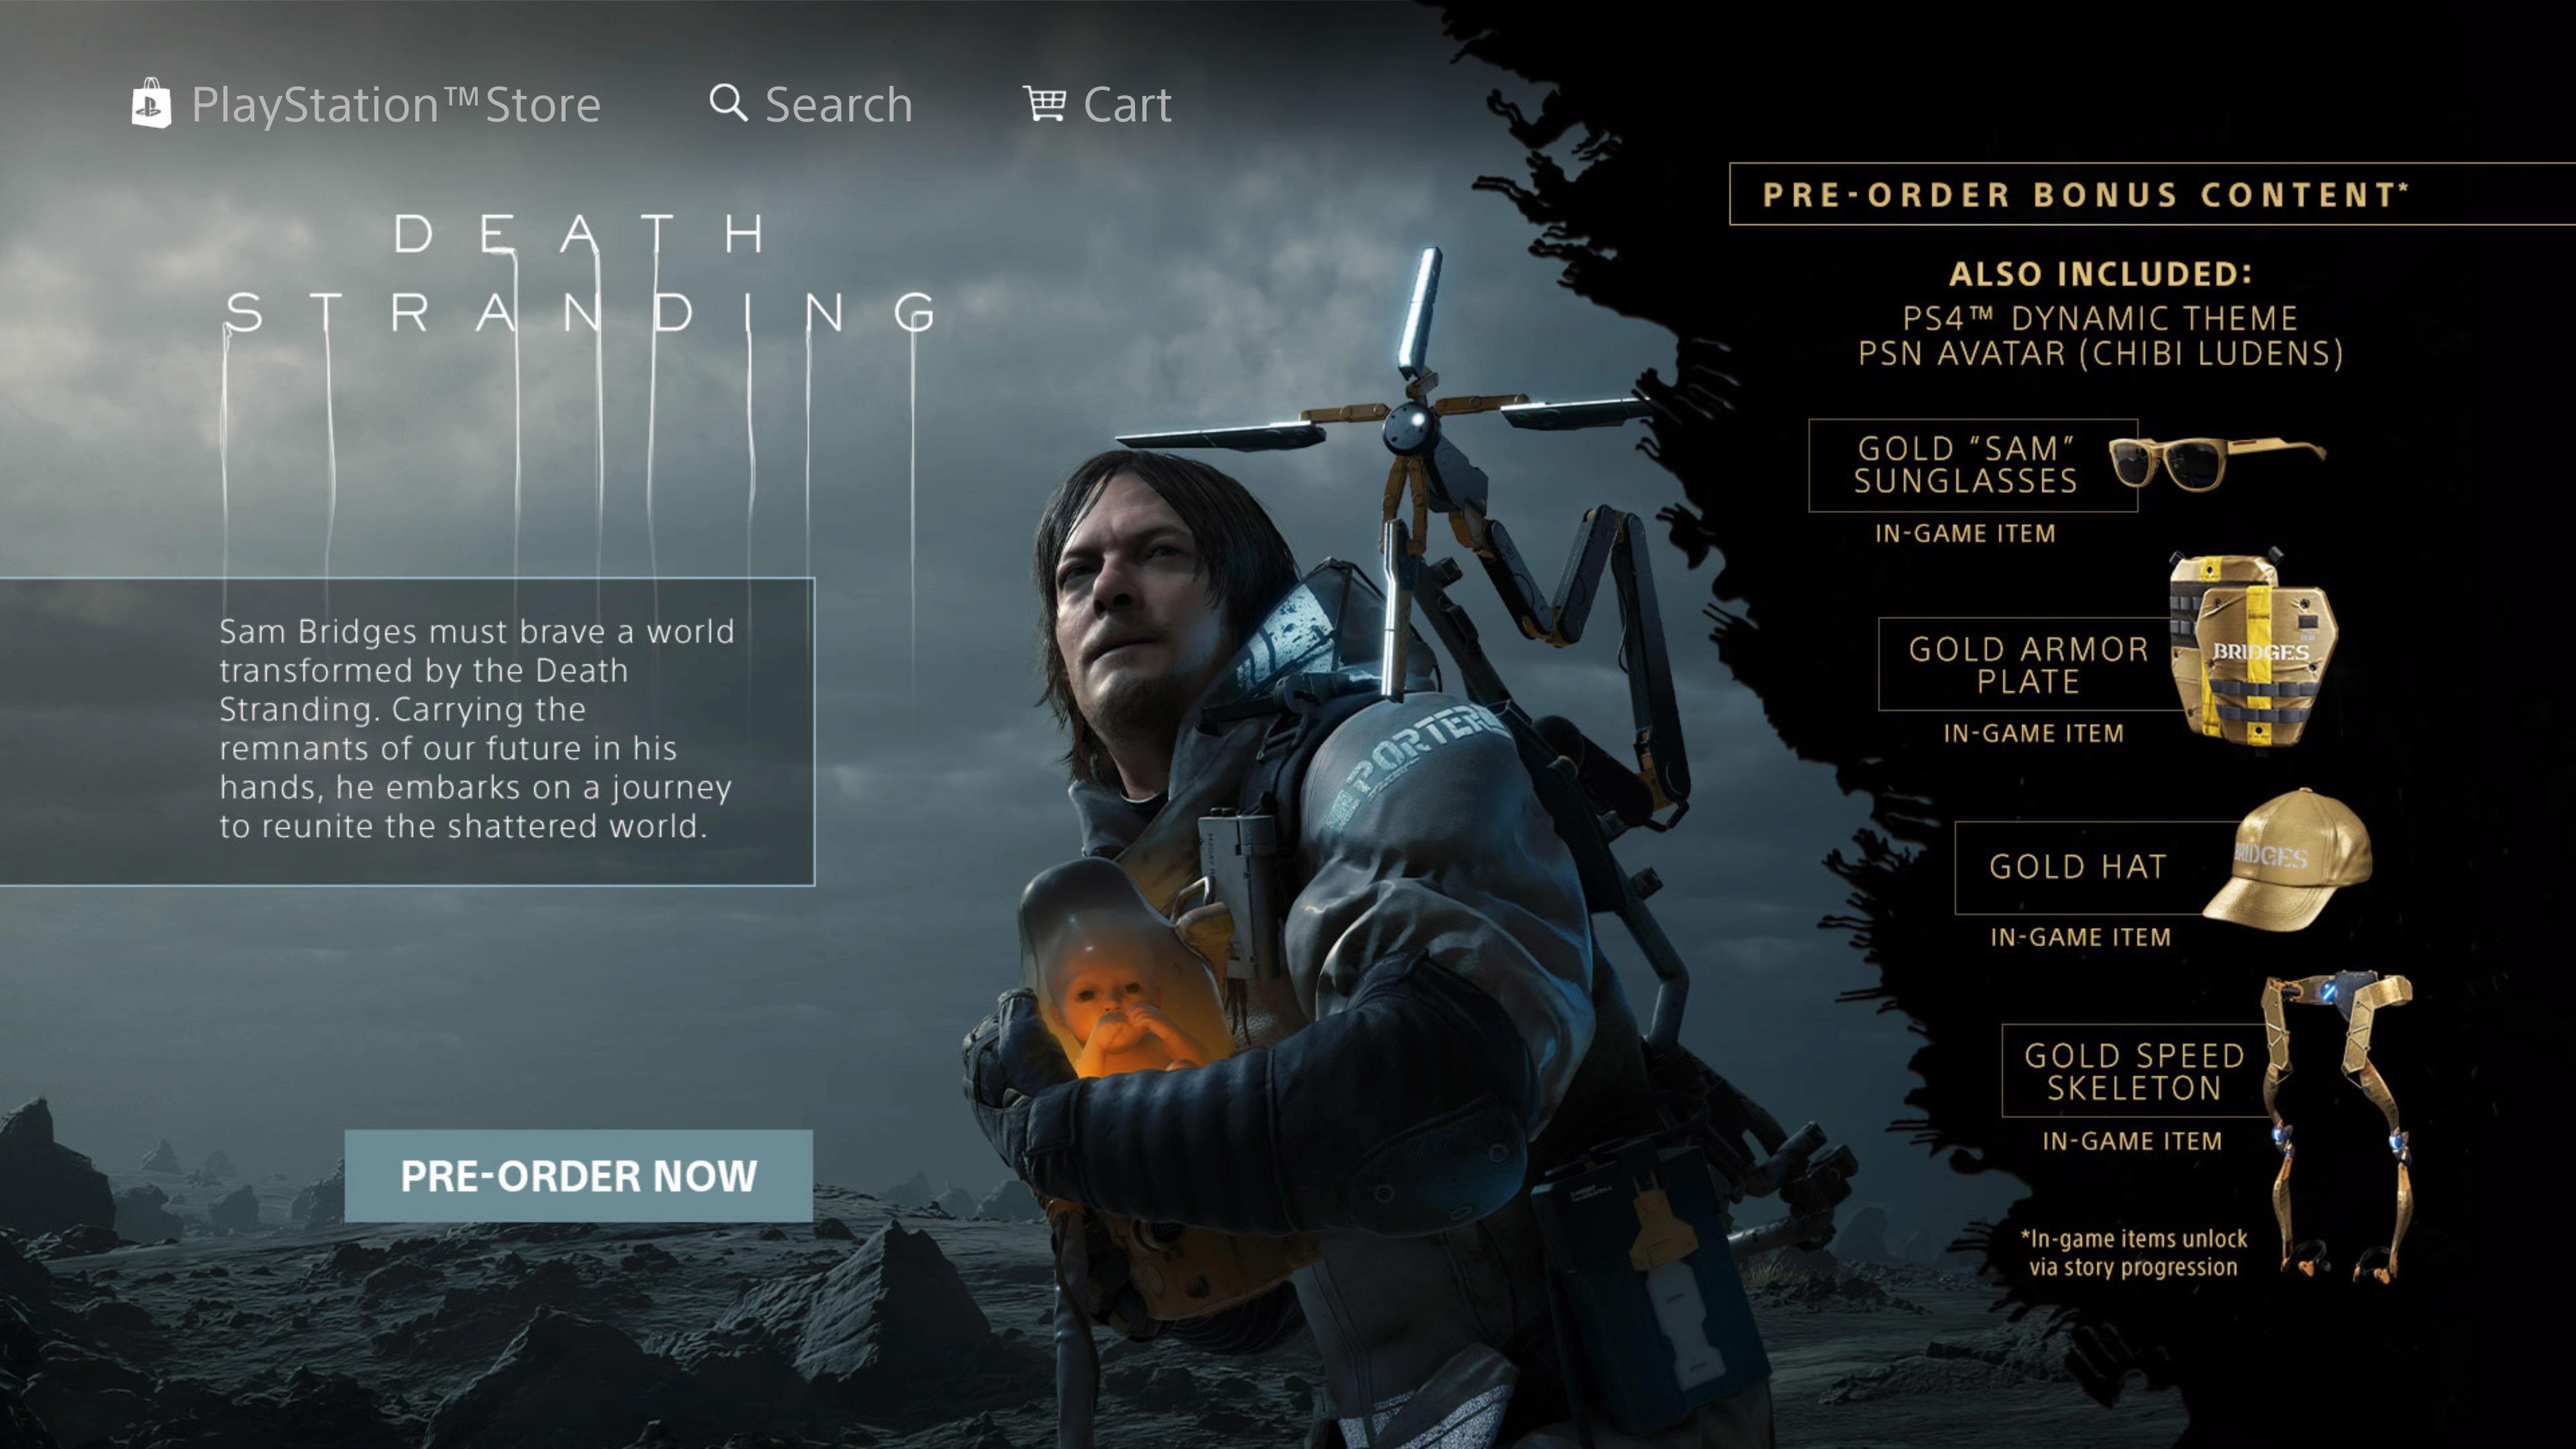 صفحه پیش خرید بازی Death Stranding در PSN